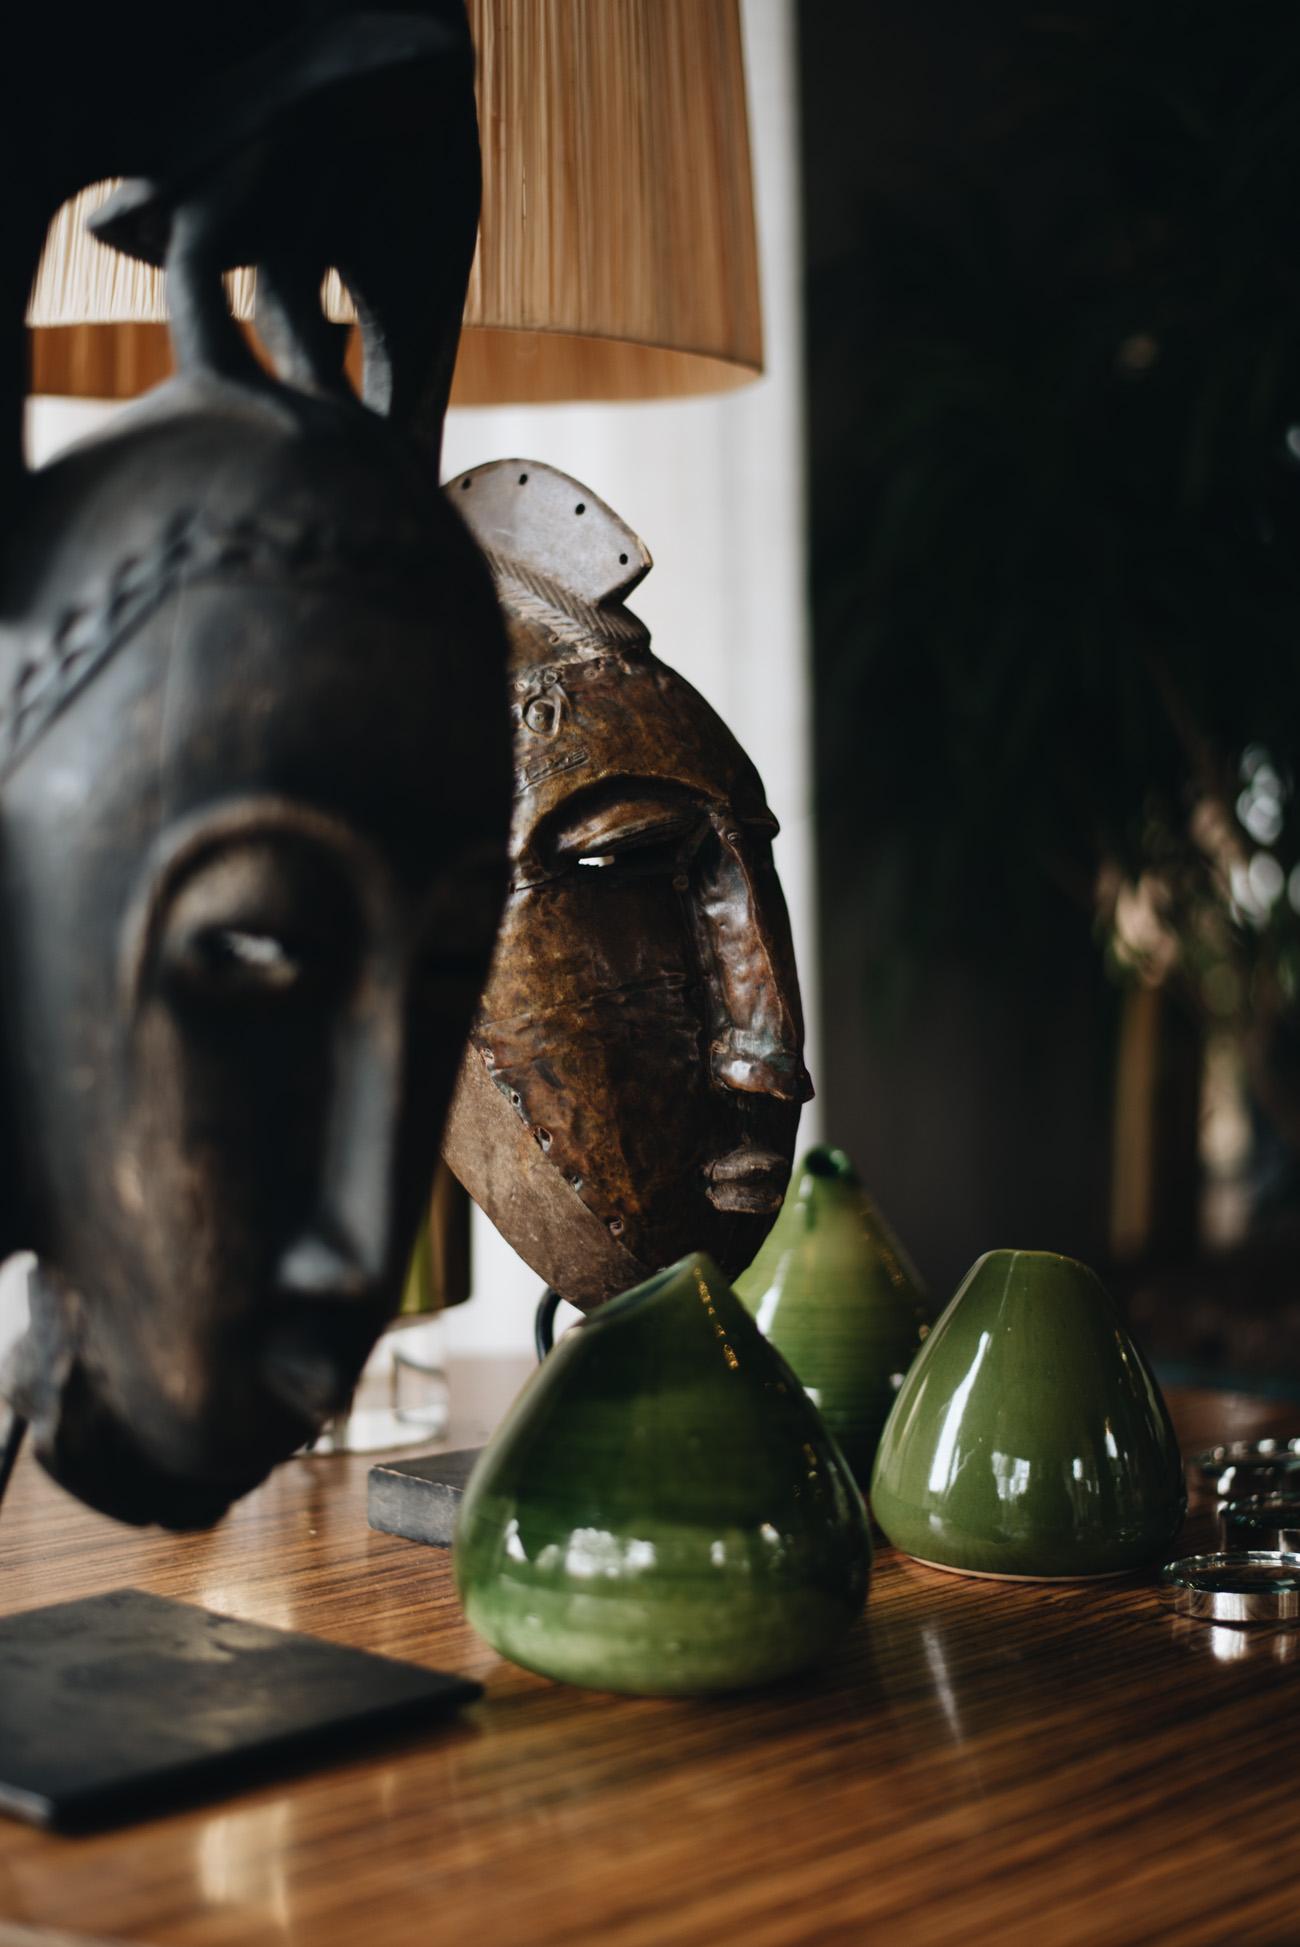 Singita-sweni-Lodge-krüger-nationalpark-safari-pauschalresie-beste-reisezeiten-und-kosten-fashiioncarpet-nina-schwichtenberg